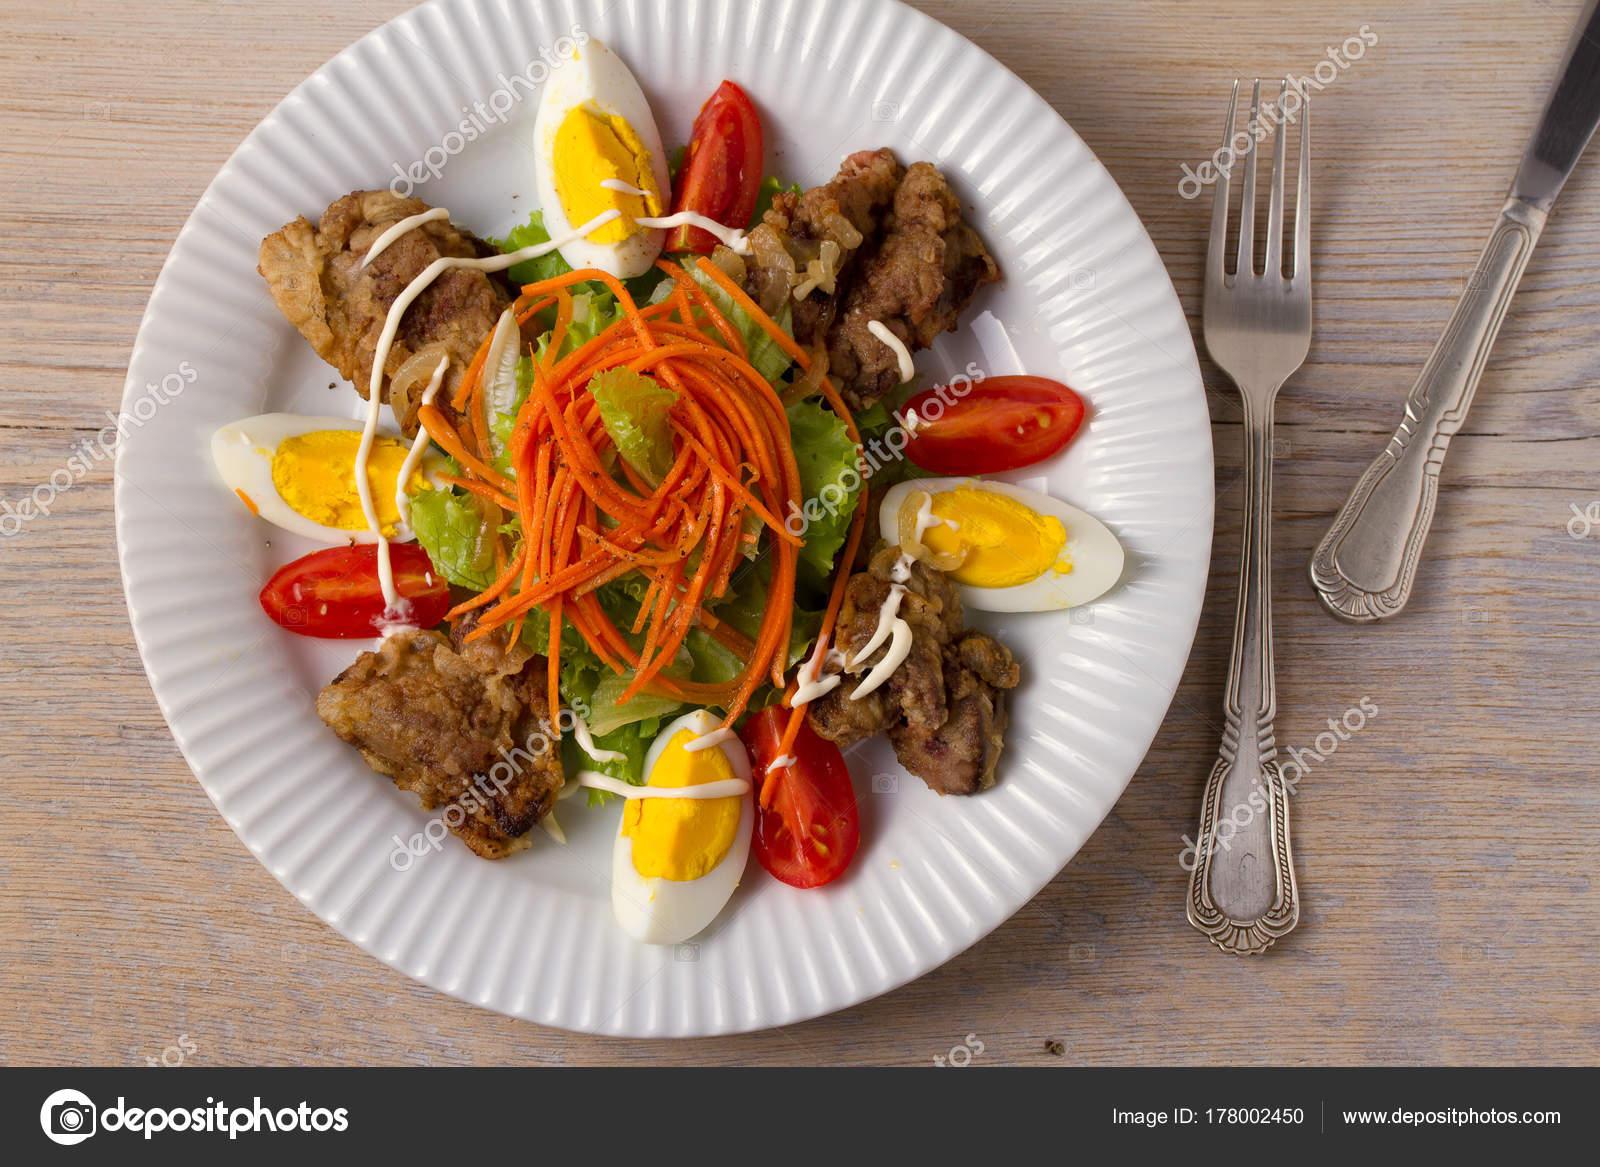 Kıyılmış Yumurta Ve Soğan Salatası